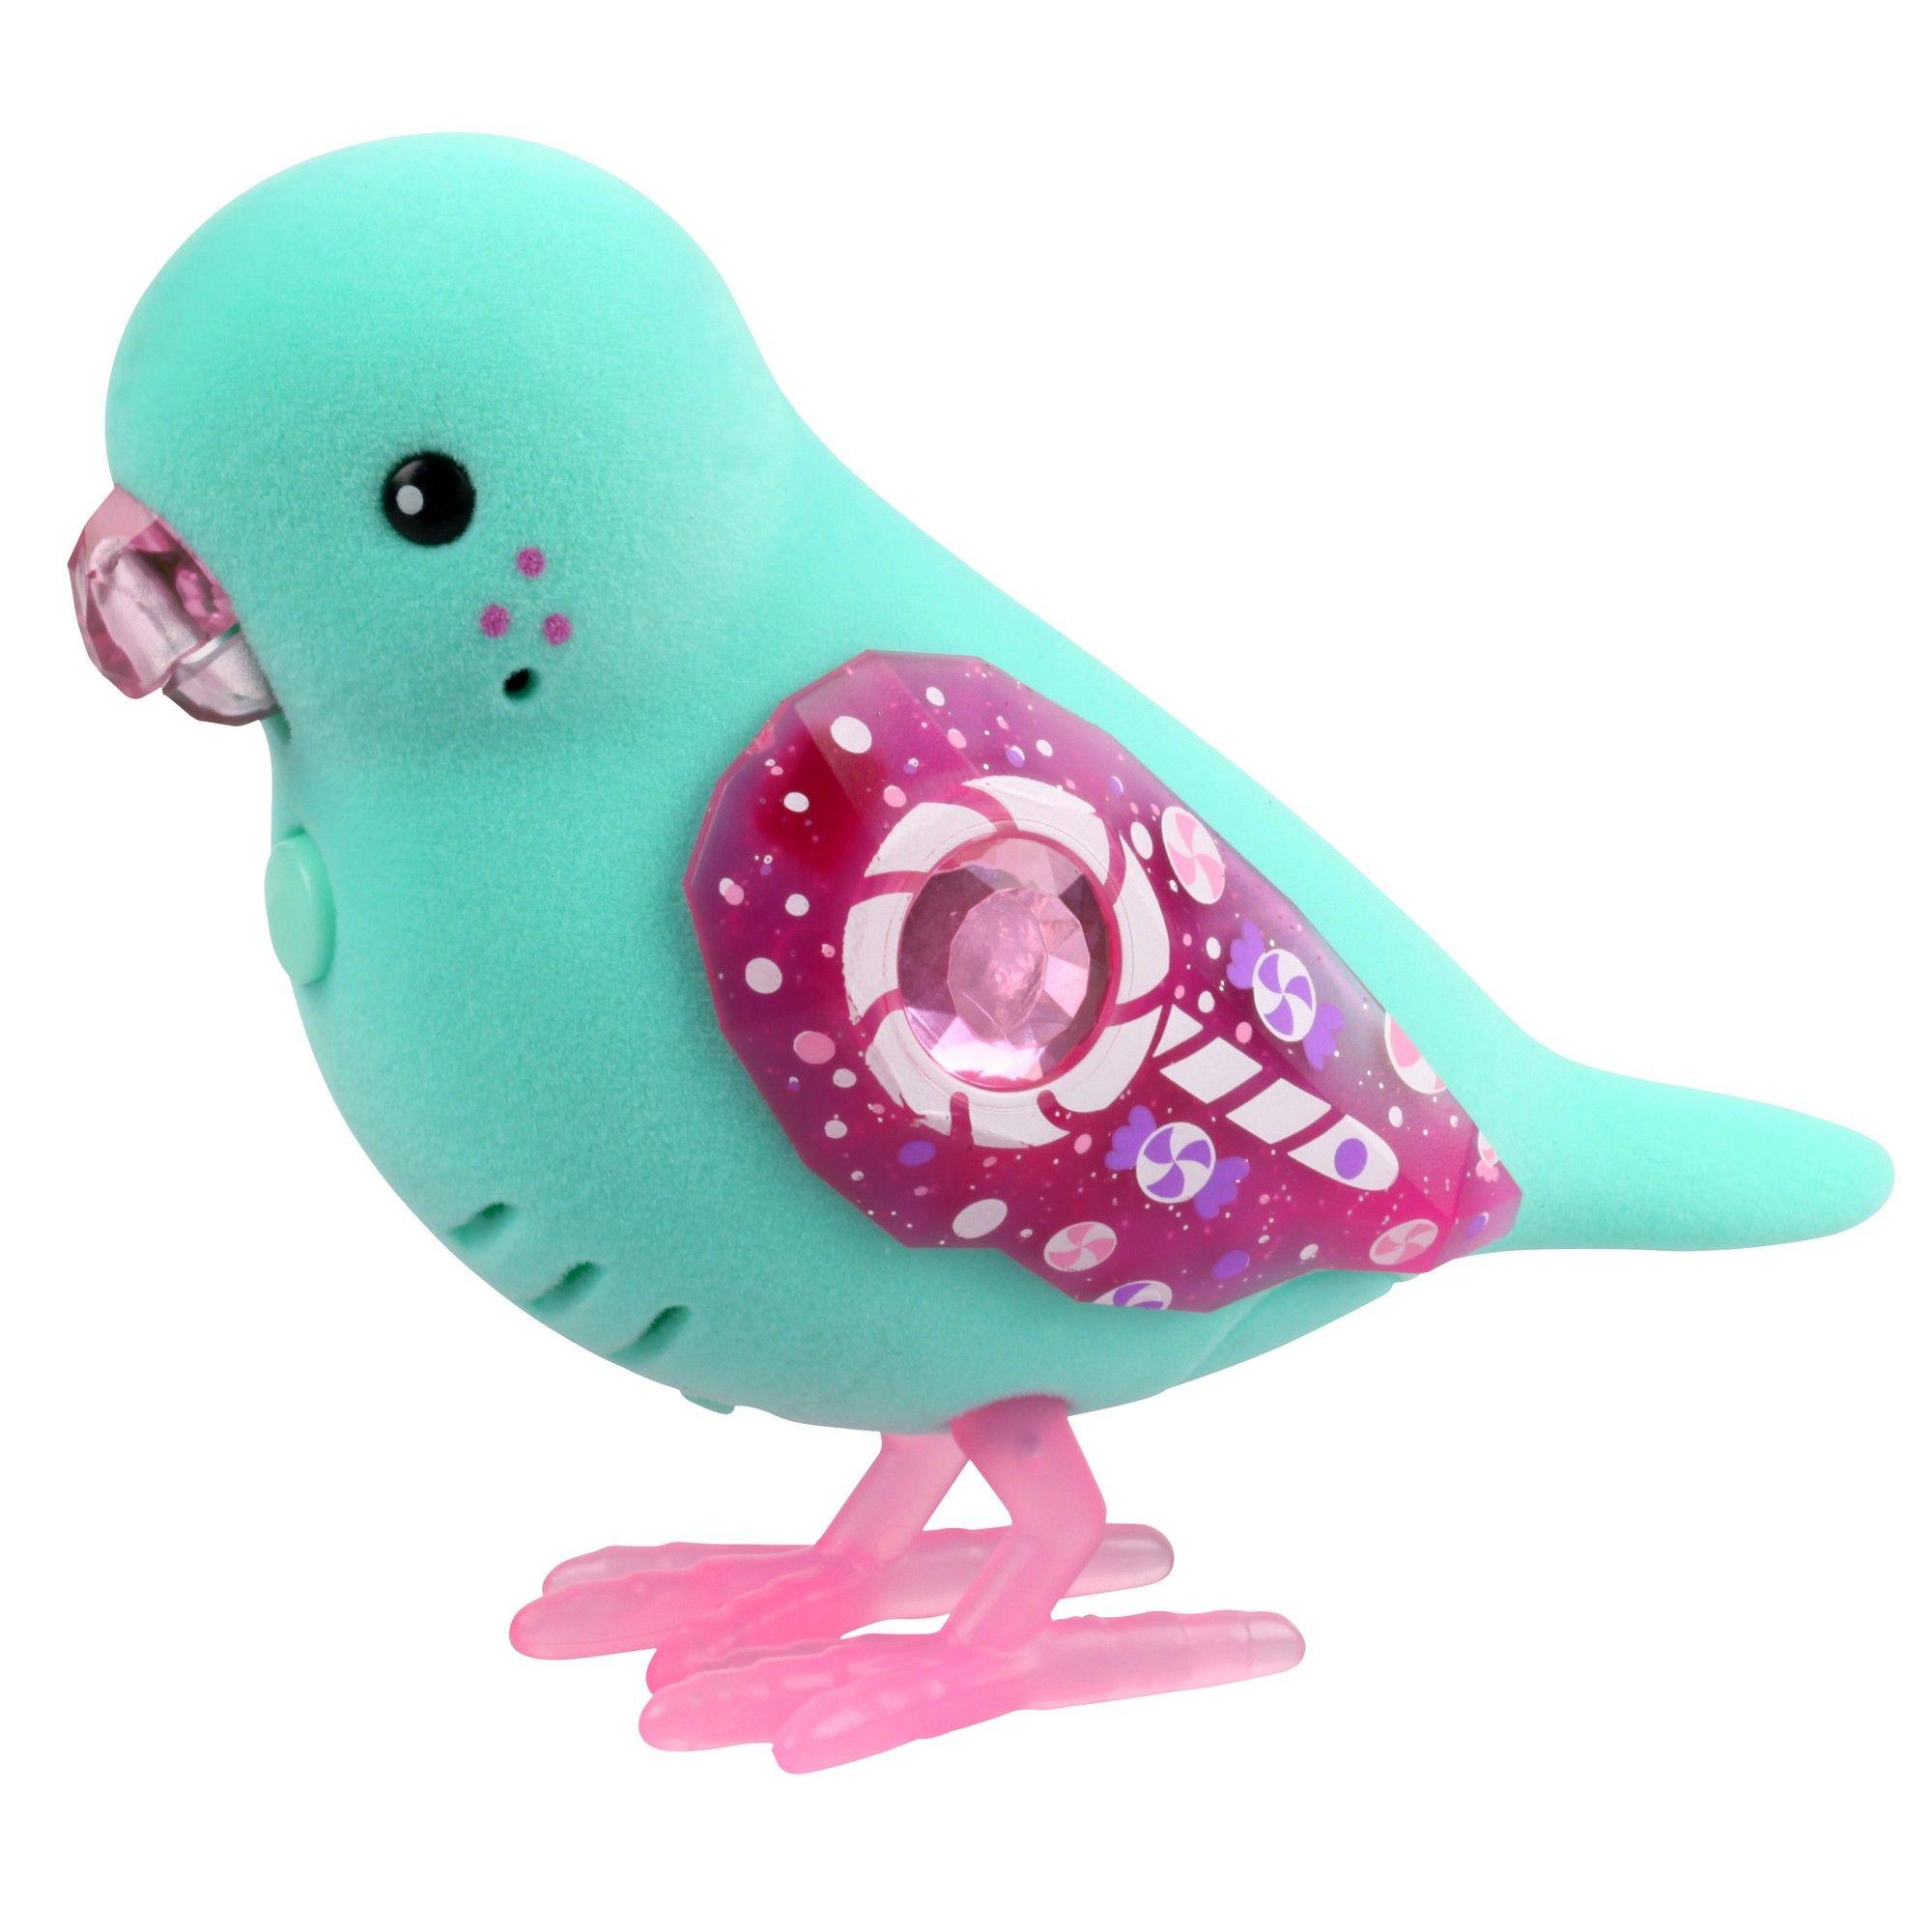 """Интерактивная игрушка """"Литл Лайв Петс"""" - Lolly Polly (звук, запись слов)"""